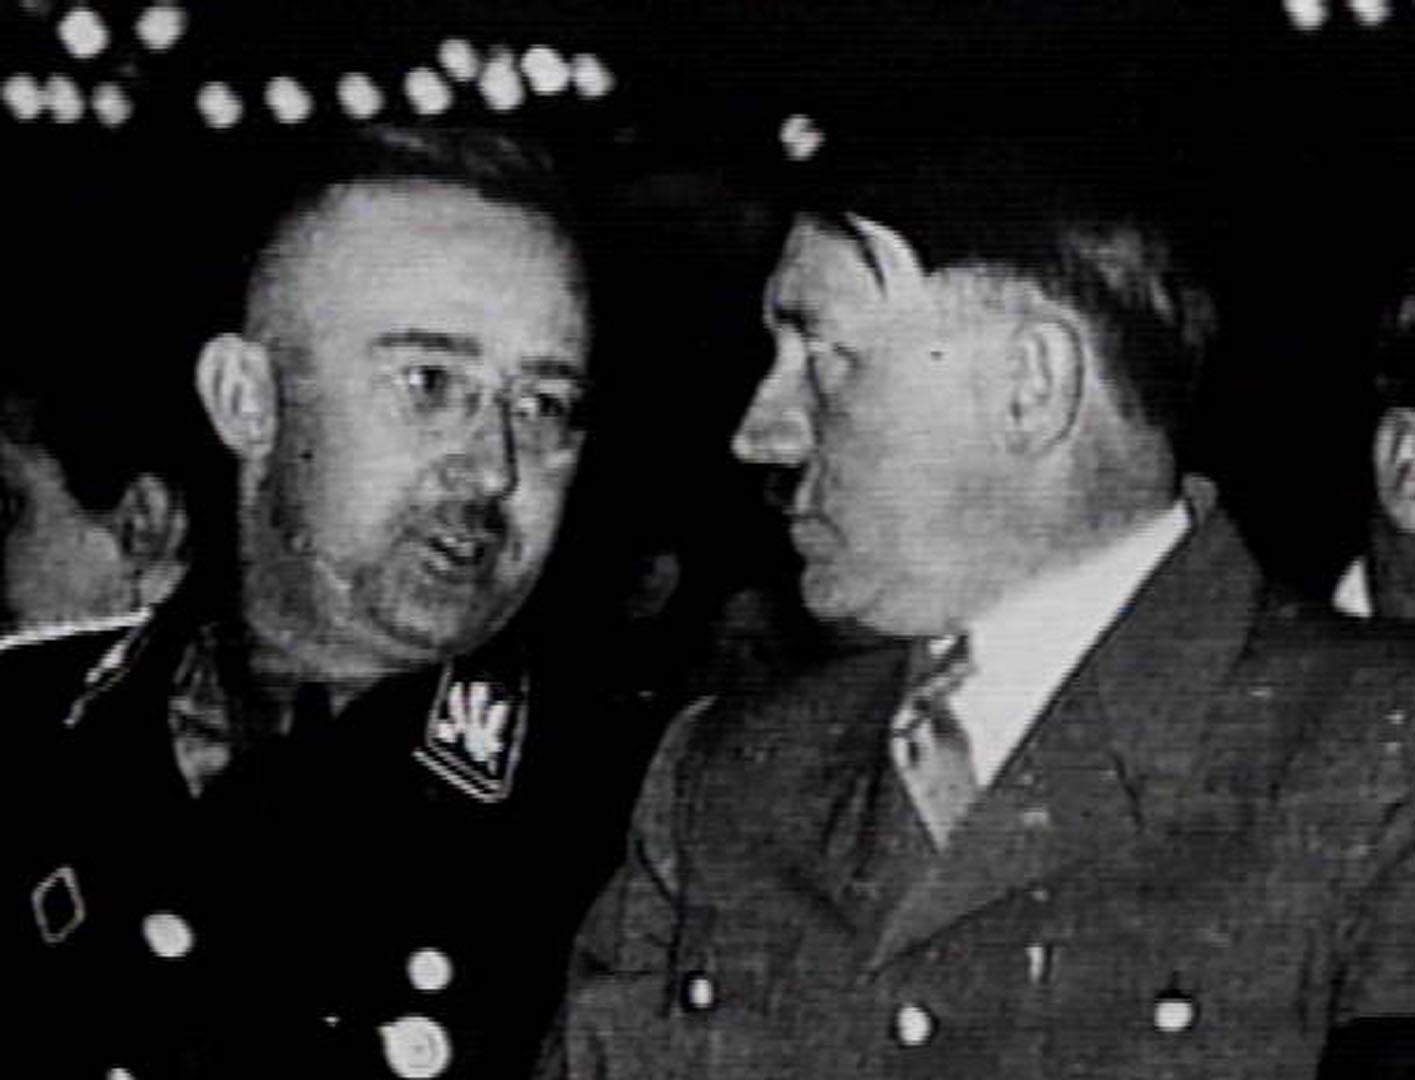 Hitler And Himmler Sharing A Joke